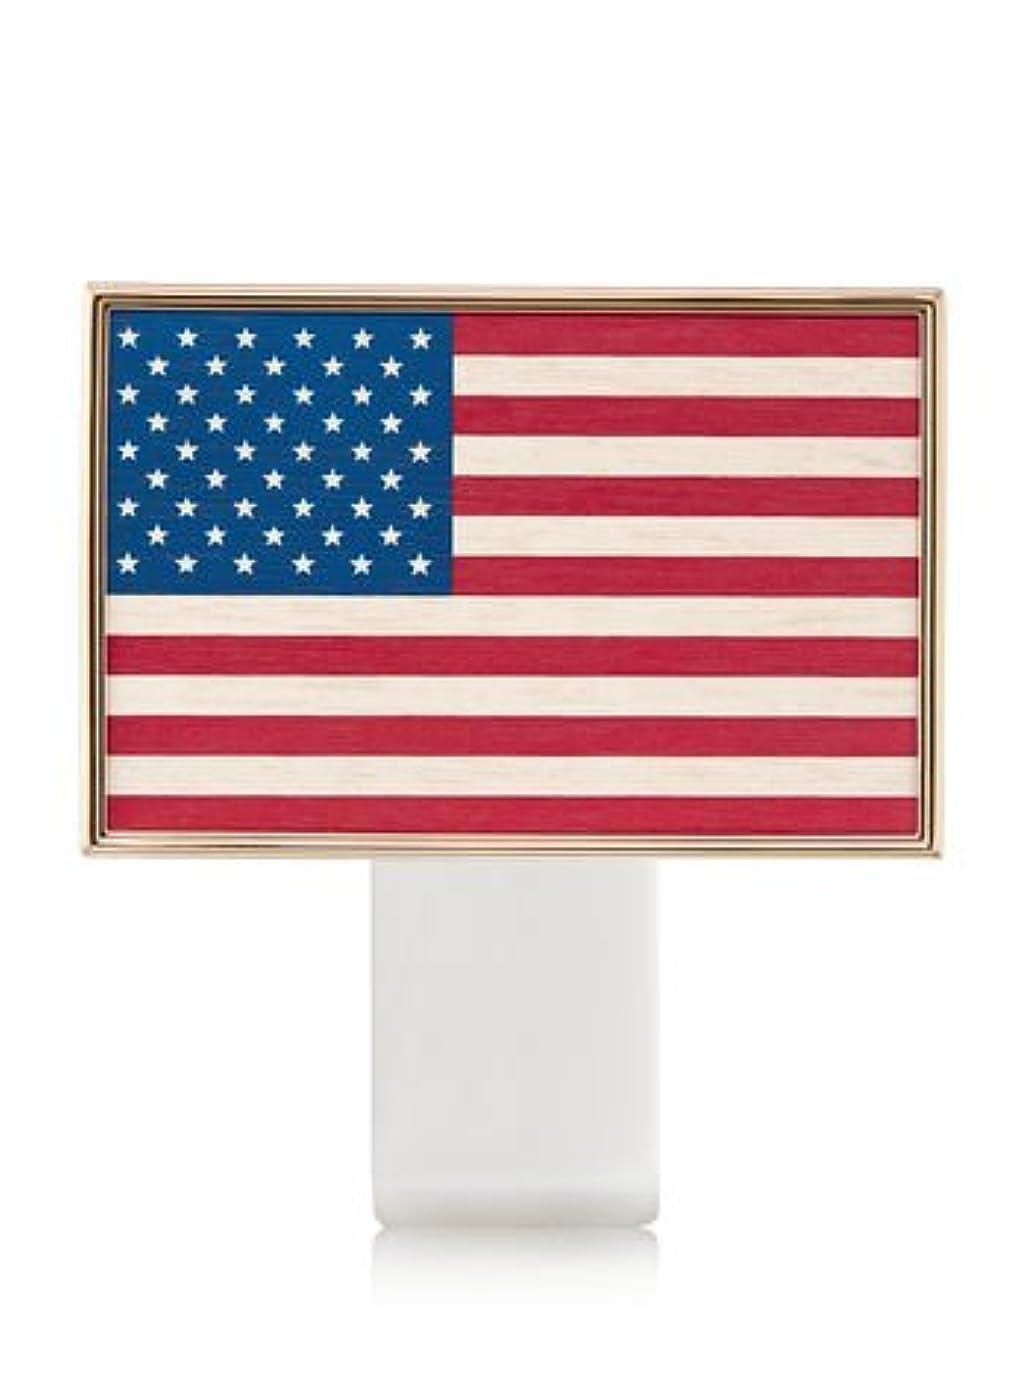 薄い咽頭軽蔑する【Bath&Body Works/バス&ボディワークス】 ルームフレグランス プラグインスターター (本体のみ) アメリカンフラッグ Wallflowers Fragrance Plug American Flag [並行輸入品]